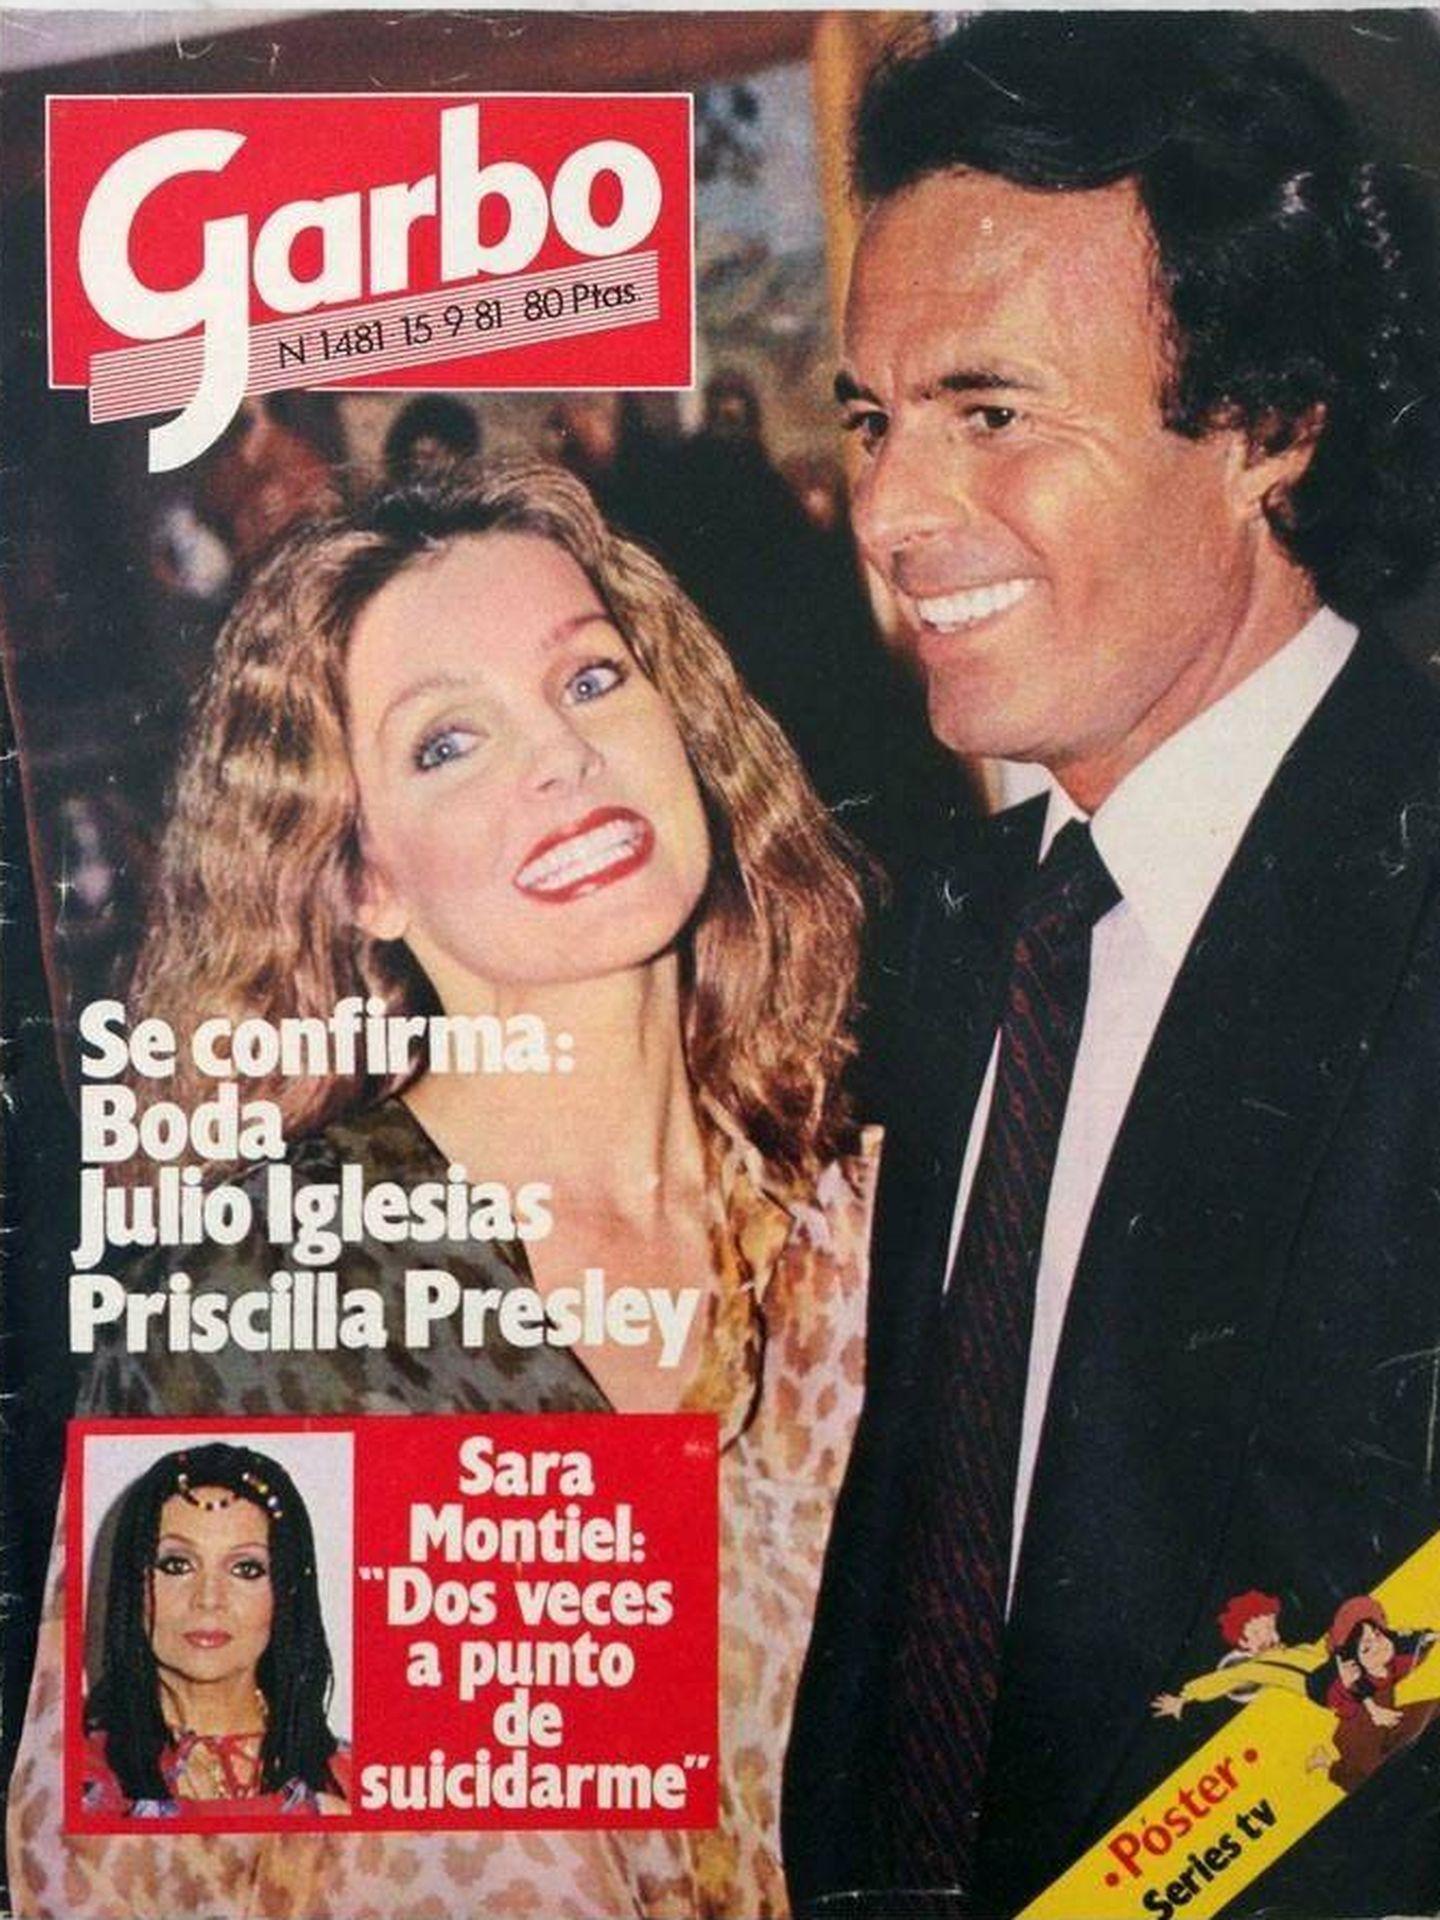 Priscilla y Julio, en la portada de una revista de la época. ('Garbo')